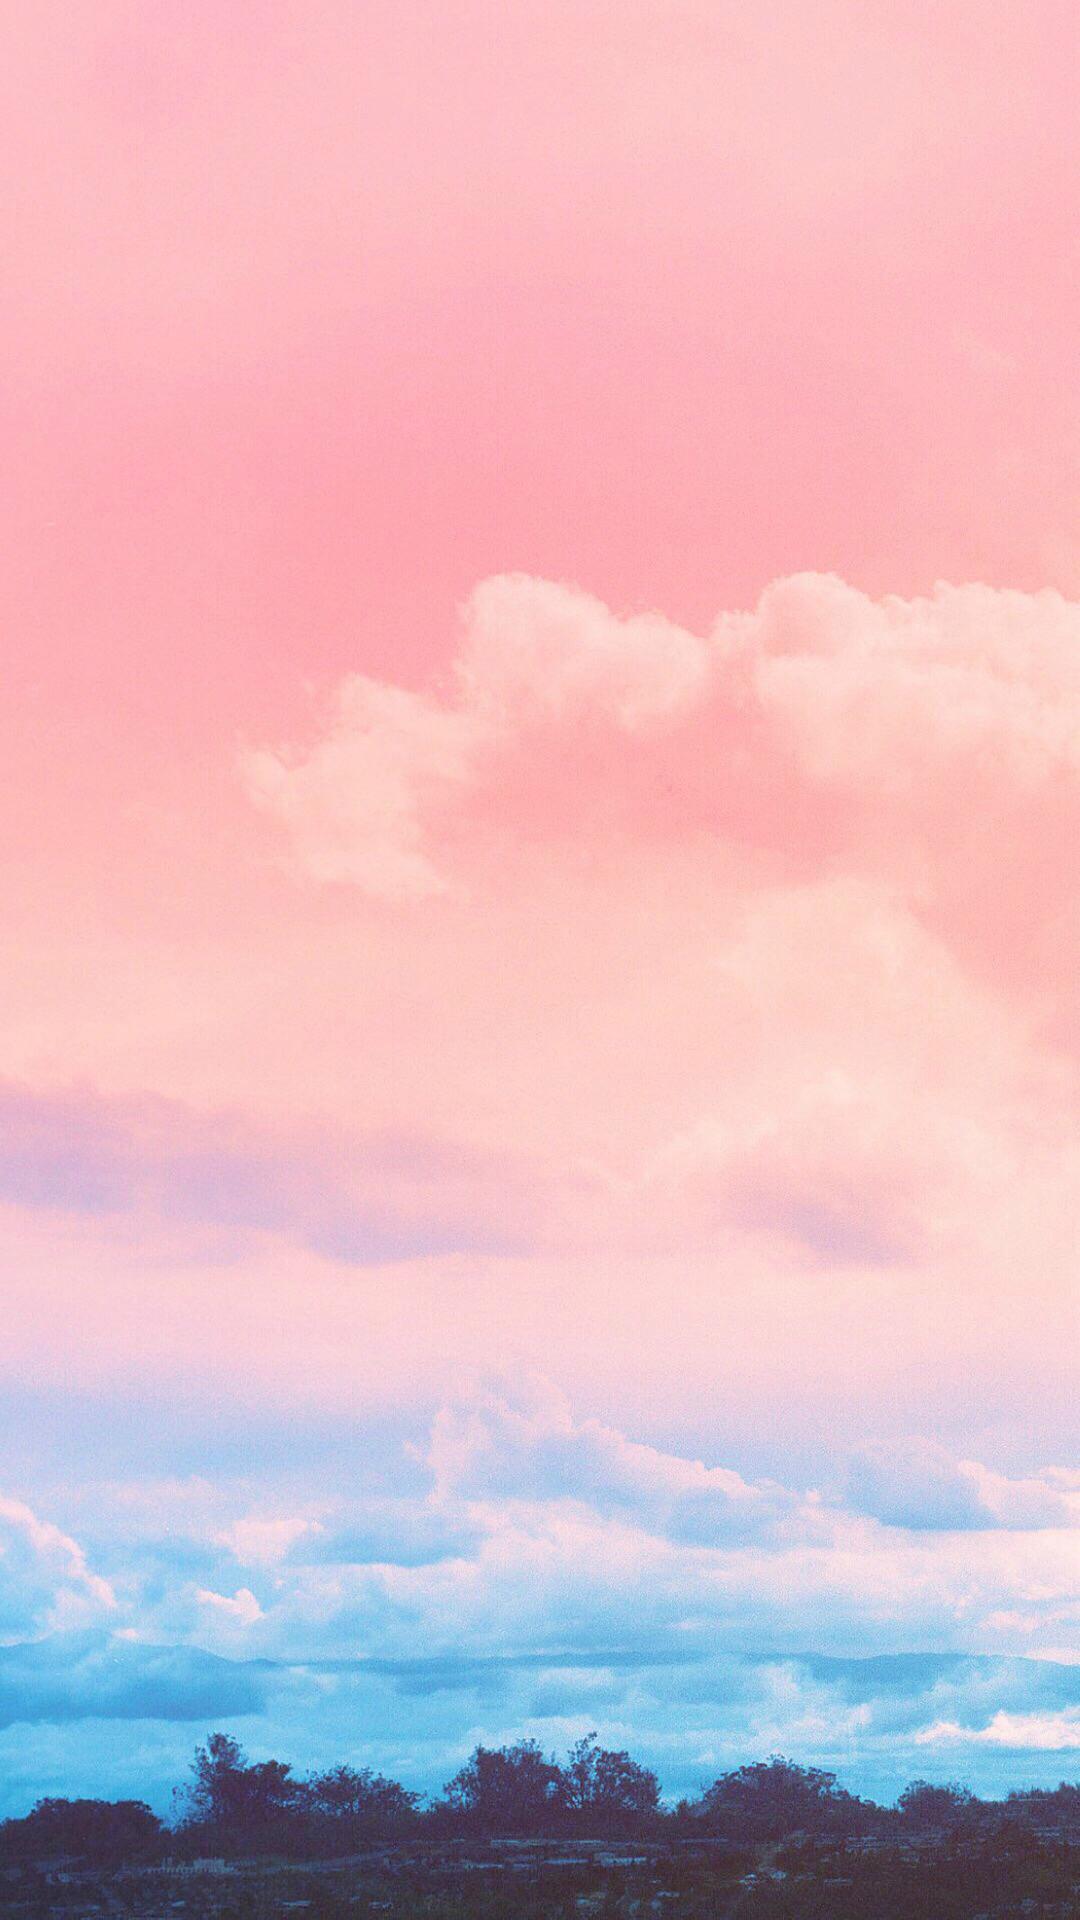 天空 粉色 蓝色 浪漫 云朵 云层 渐变 苹果手机高清 x